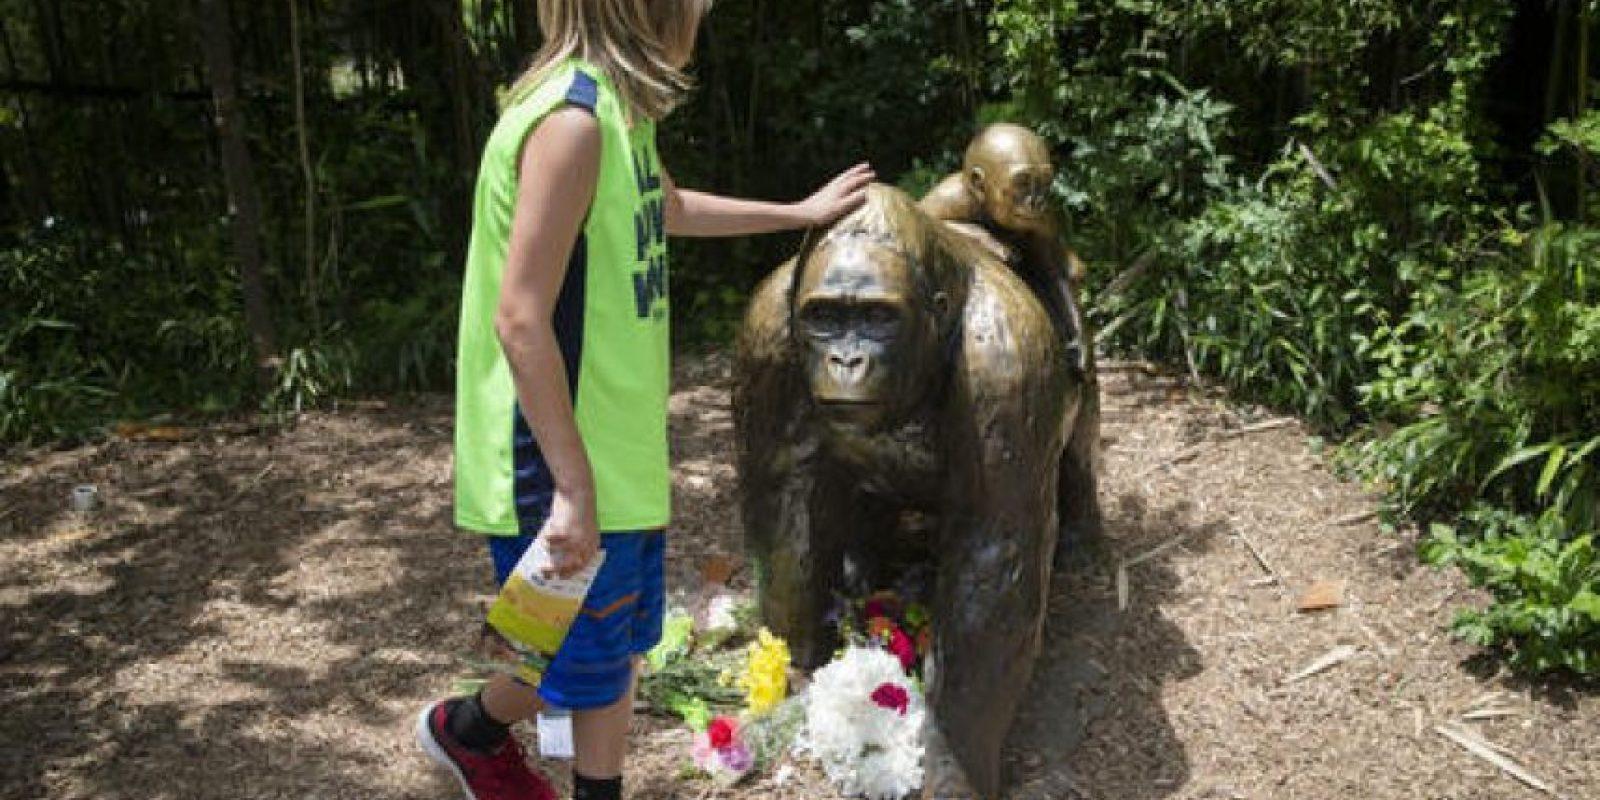 Autoridades del zoológico aseguran fue la decisión correcta. Foto:AP